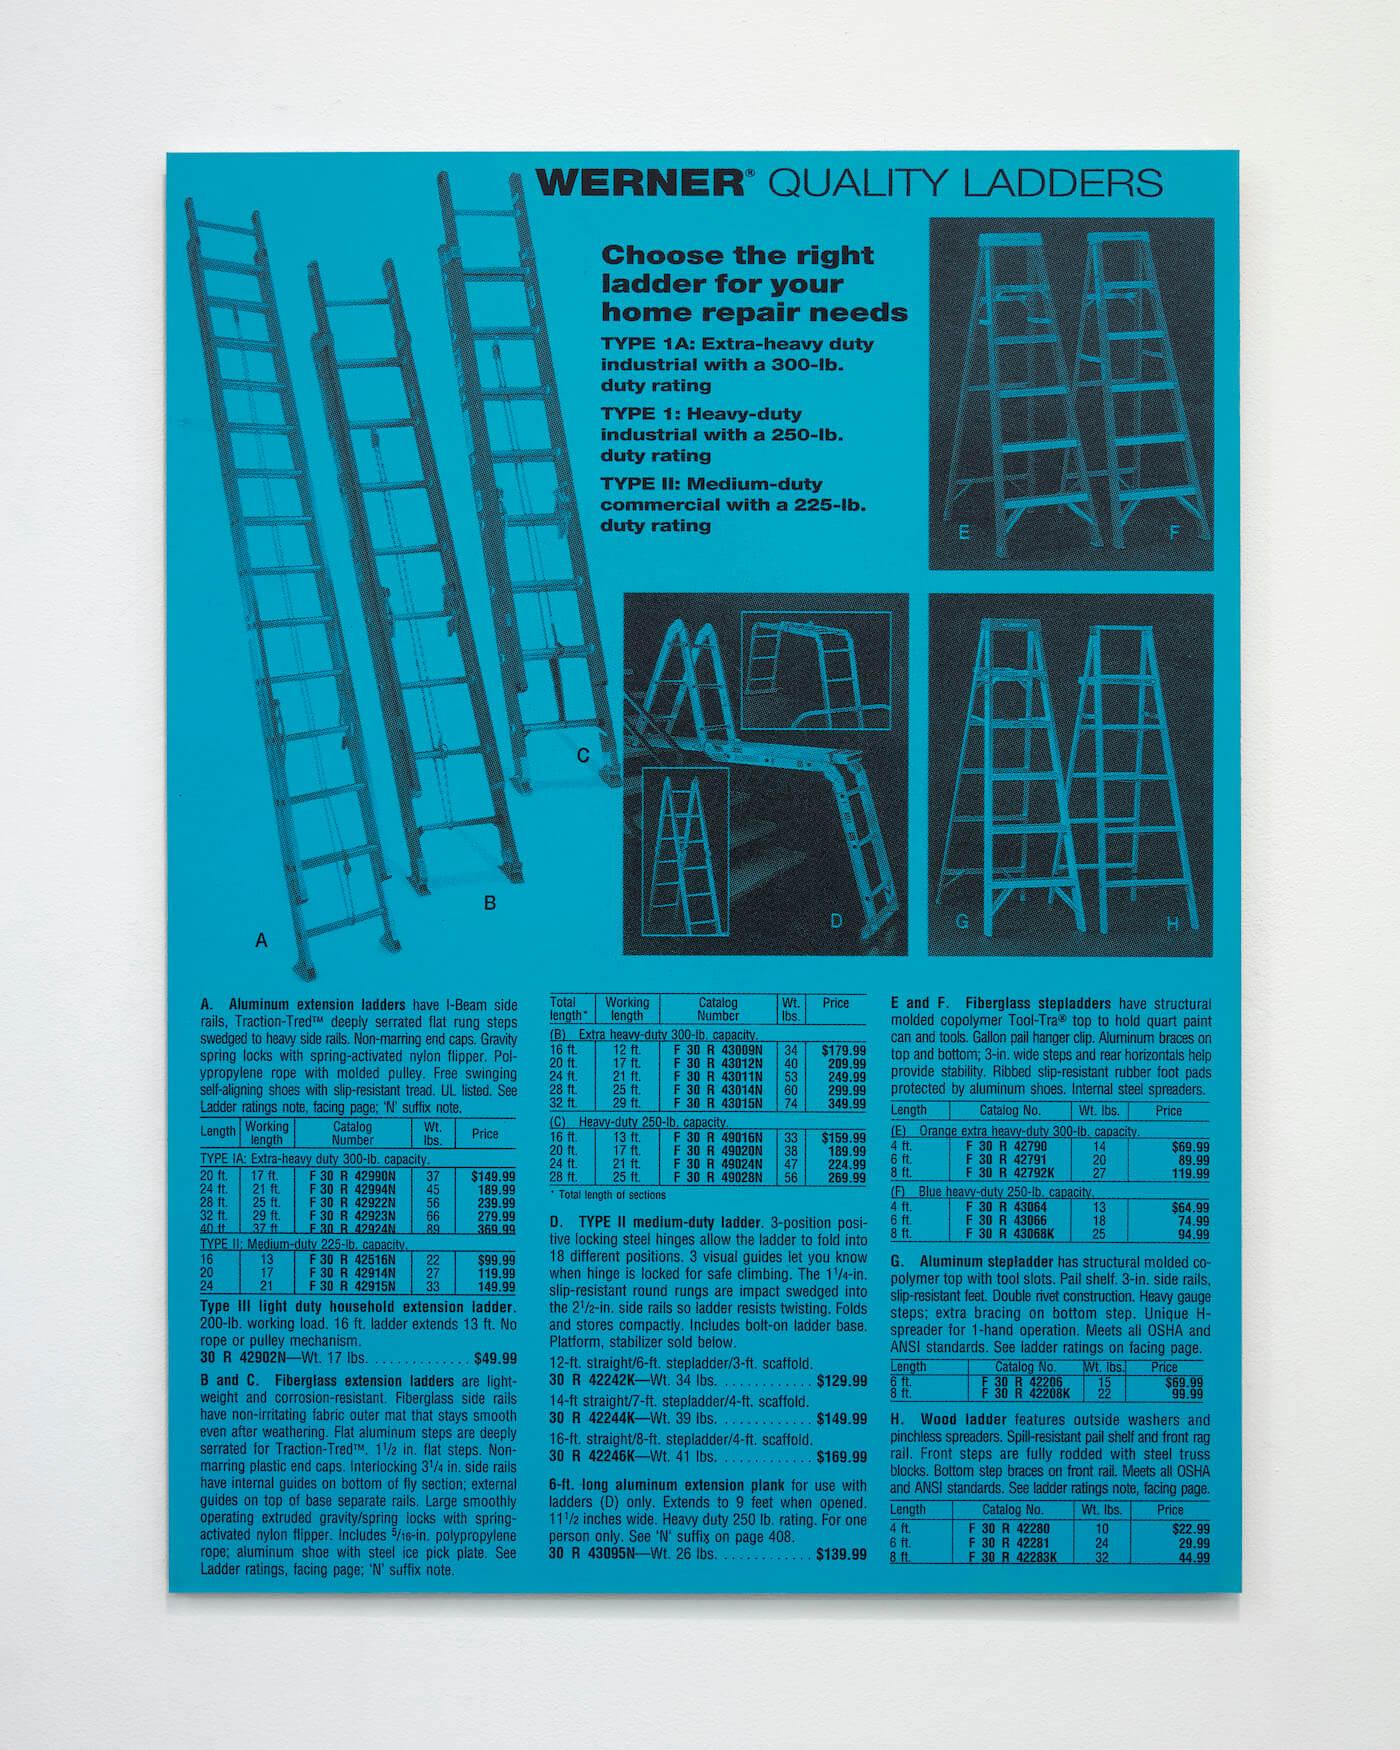 Jackson, Ladders, 2020 (PJ 20.010) A